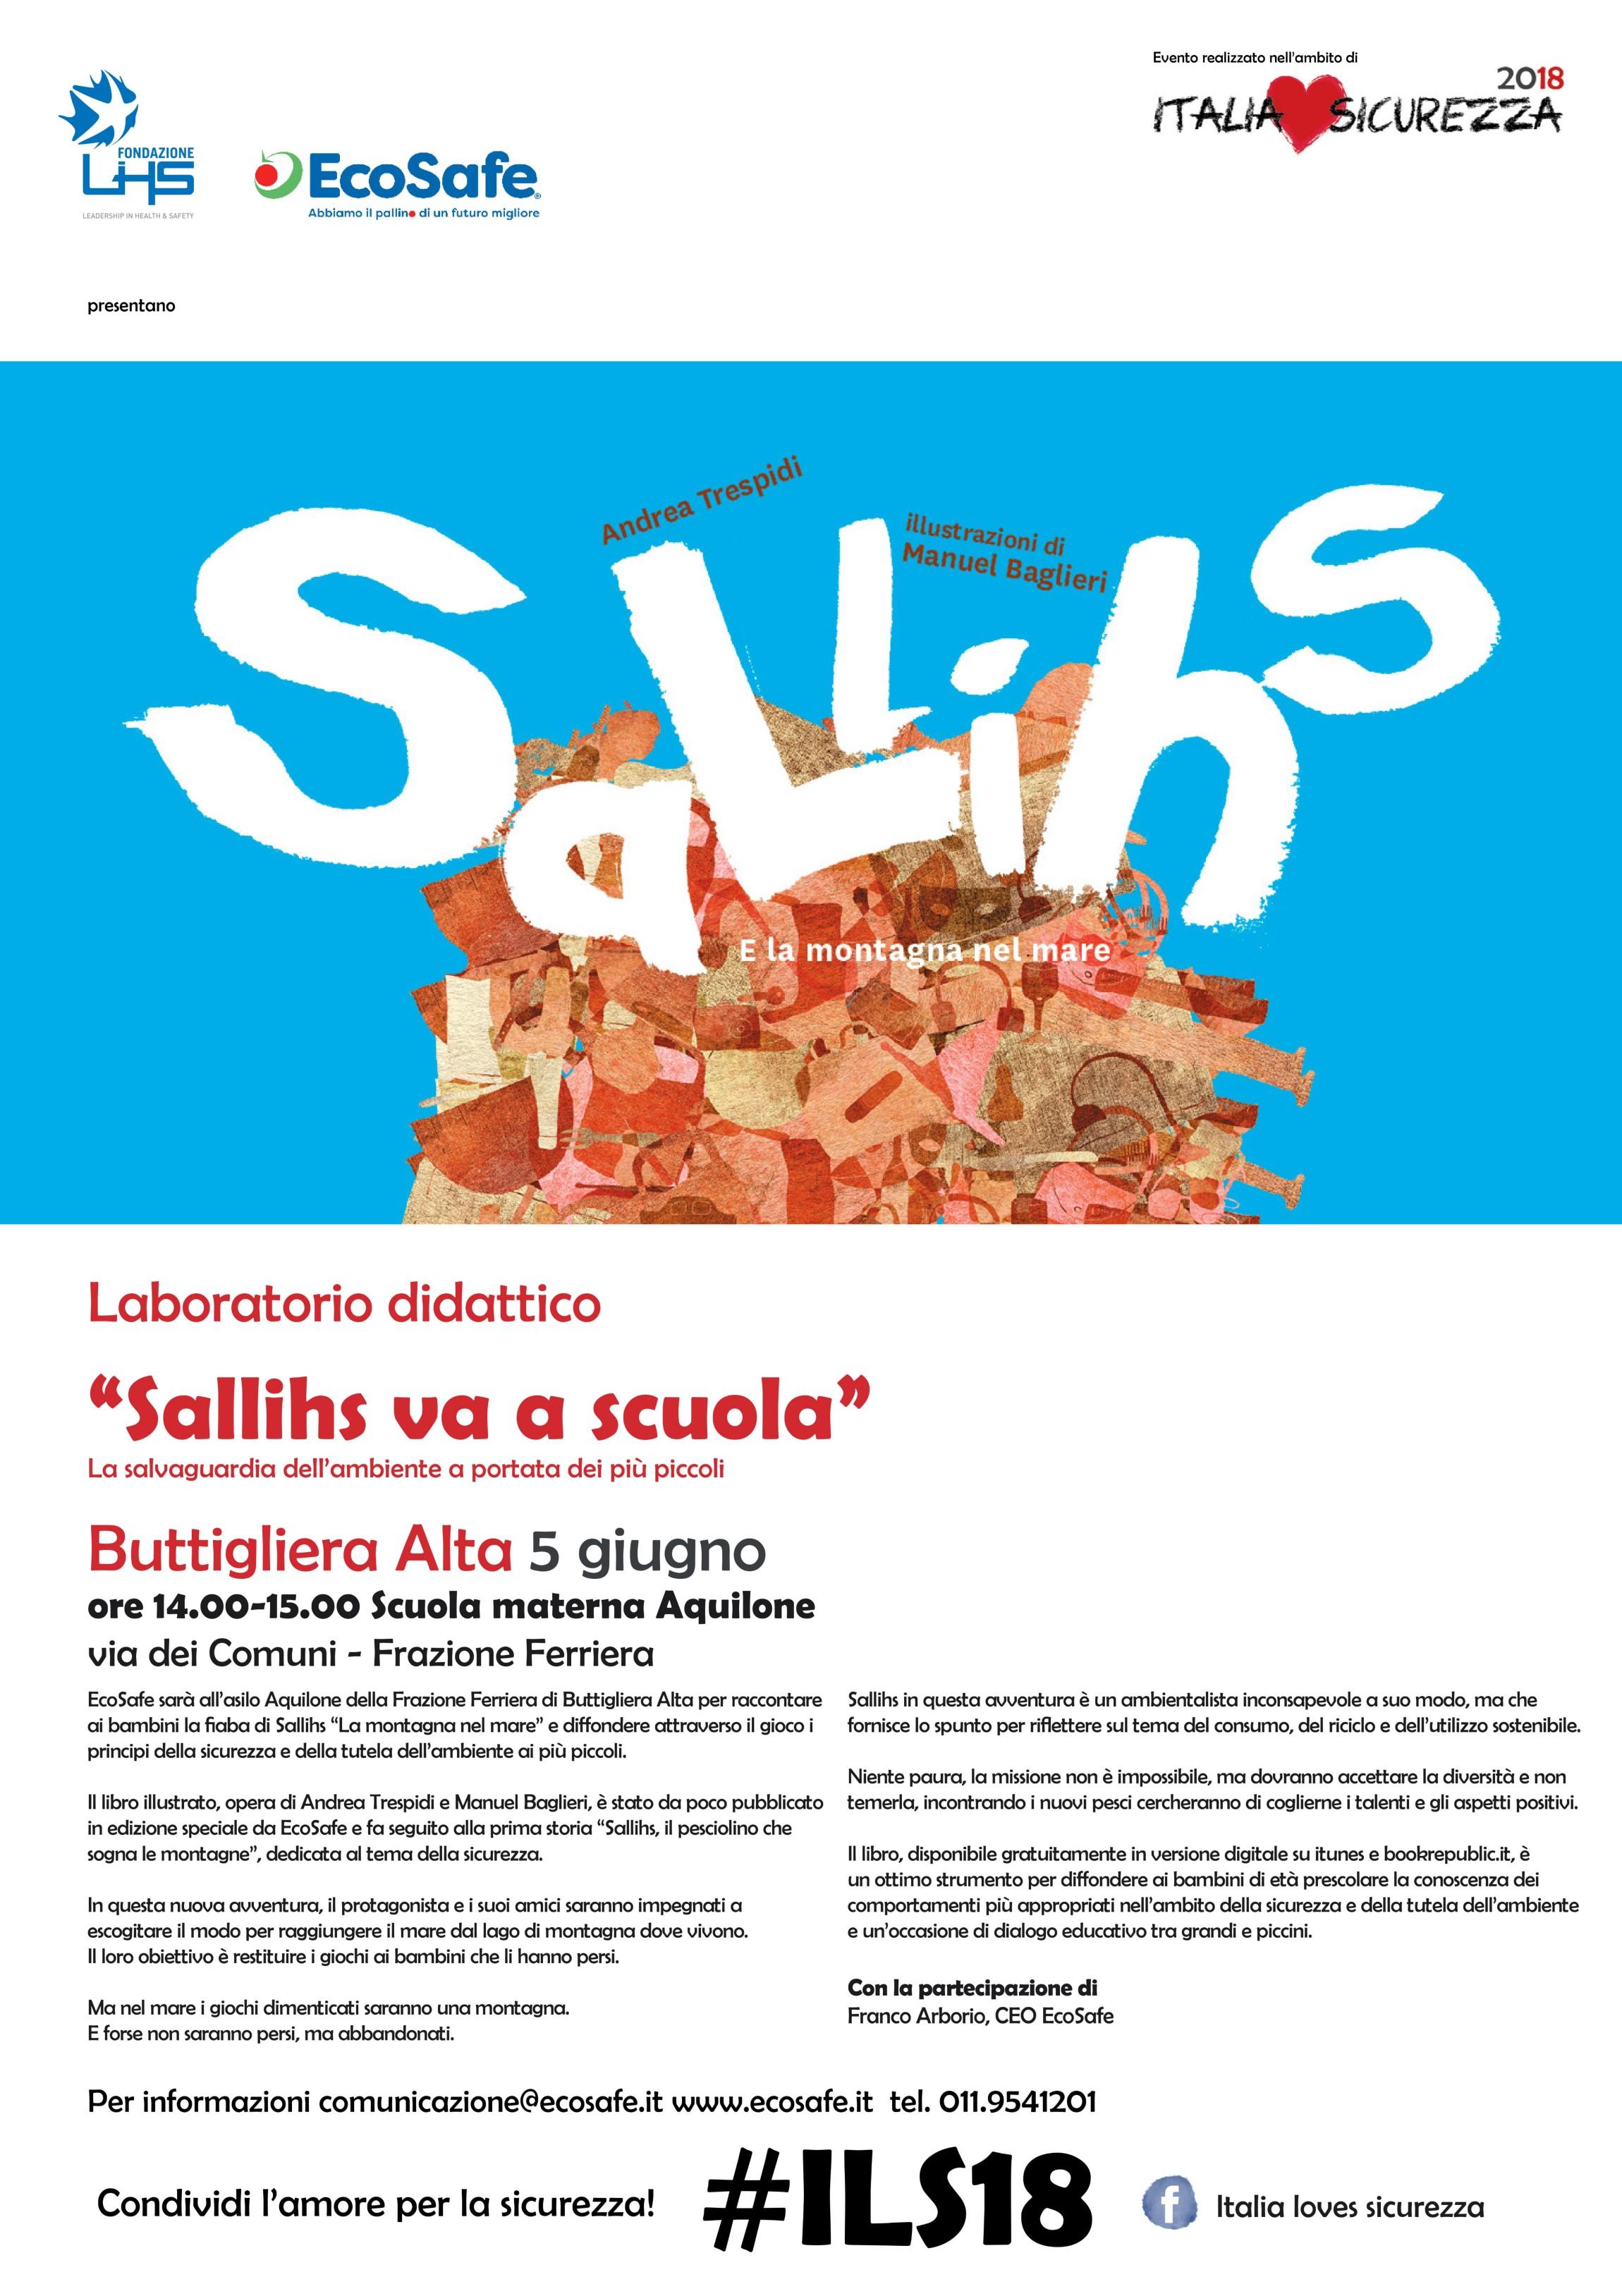 https://www.fondlhs.org/wp-content/uploads/2018/06/Poster_ecoSafe-Sallihs_2_low.jpg